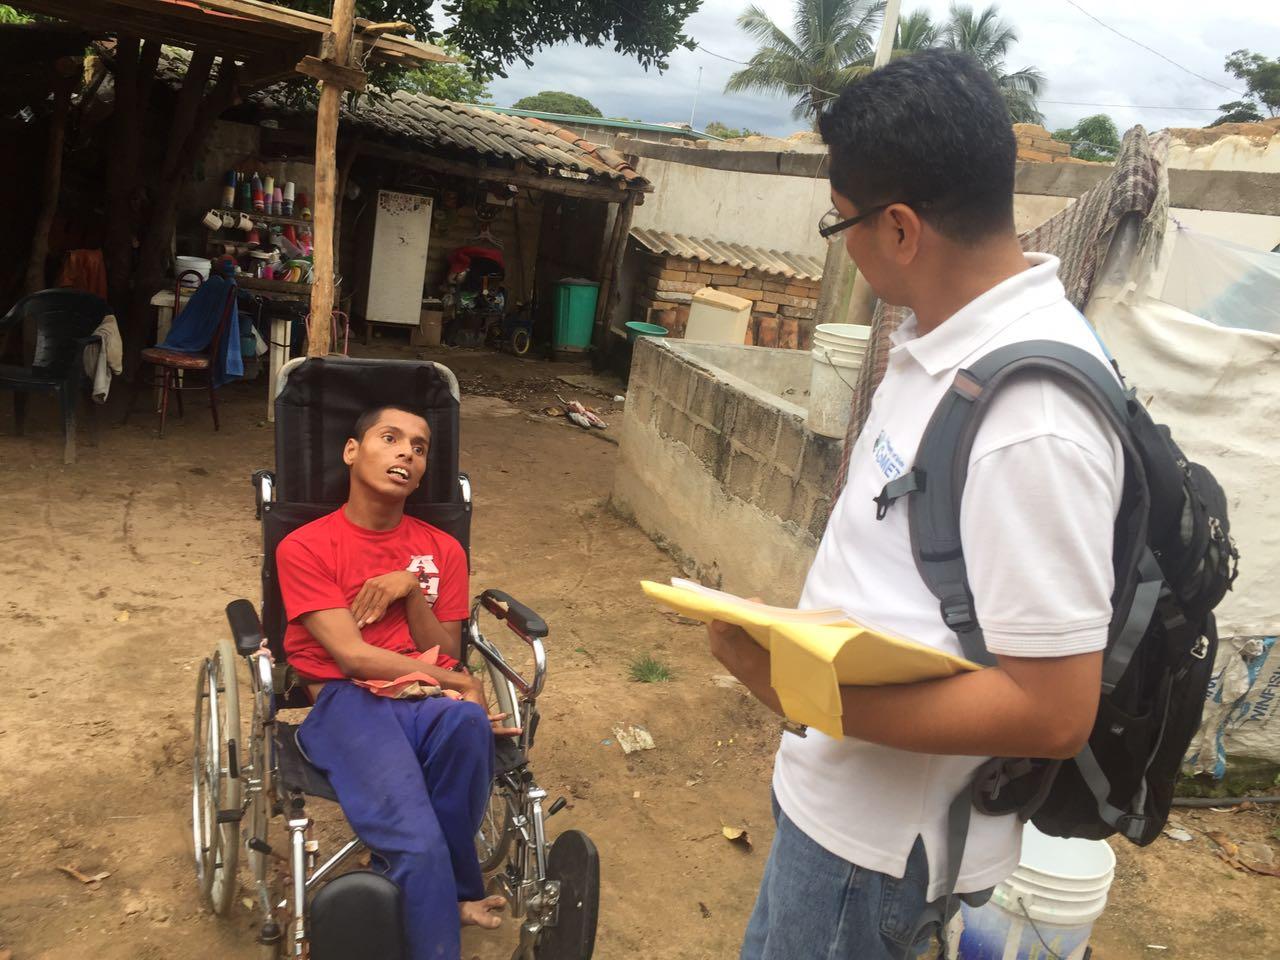 Servidor Público del CONADIS platica con una persona con discapacidad en silla de ruedas